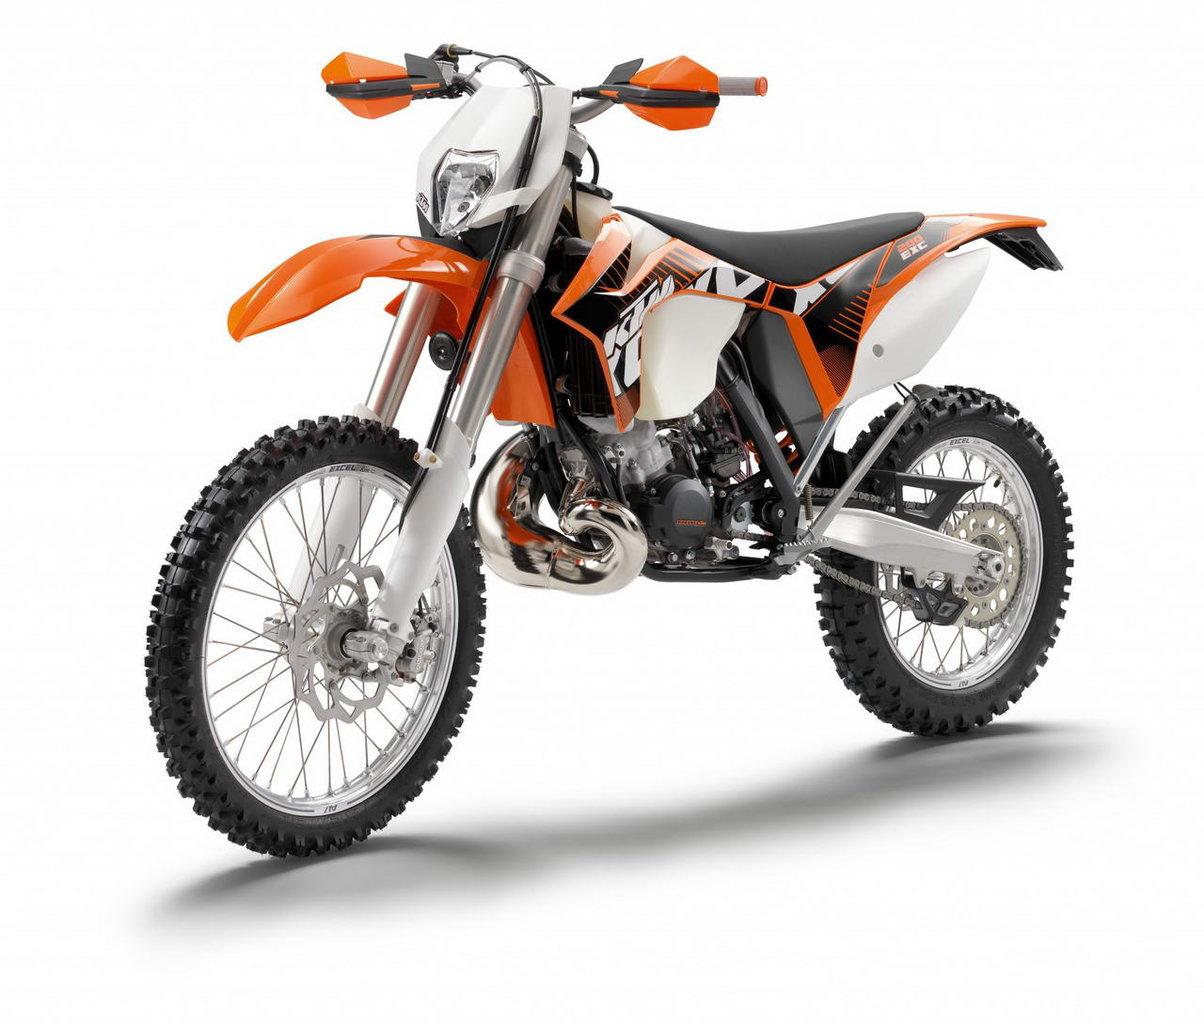 Listino Ktm Duke 125 Moto 50 e 125 - image 14800_ktm-exc350 on https://moto.motori.net